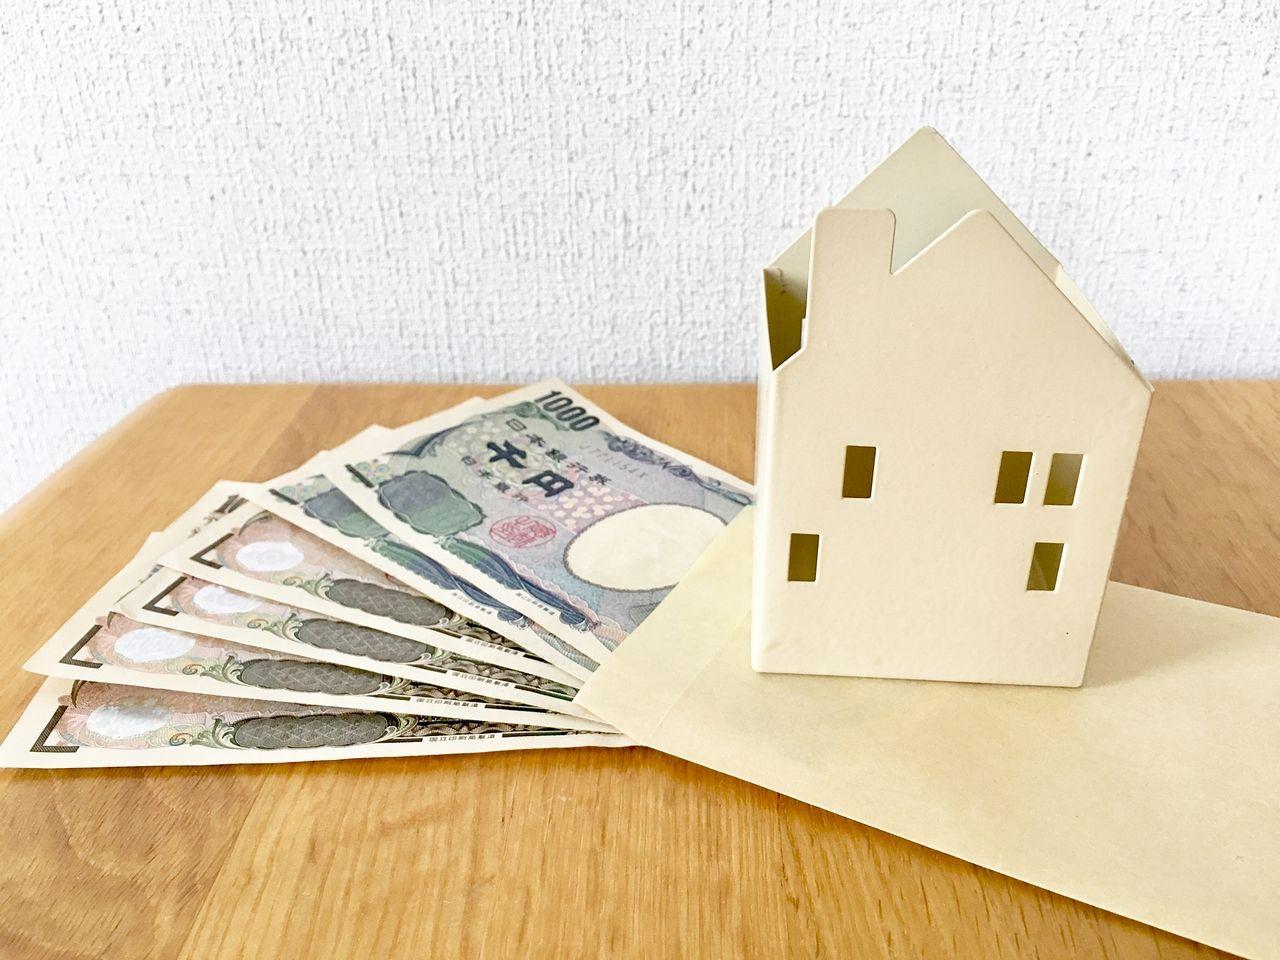 賃貸借契約時の礼金、その礼金はちゃんとしてる?礼金が上乗せされていない?